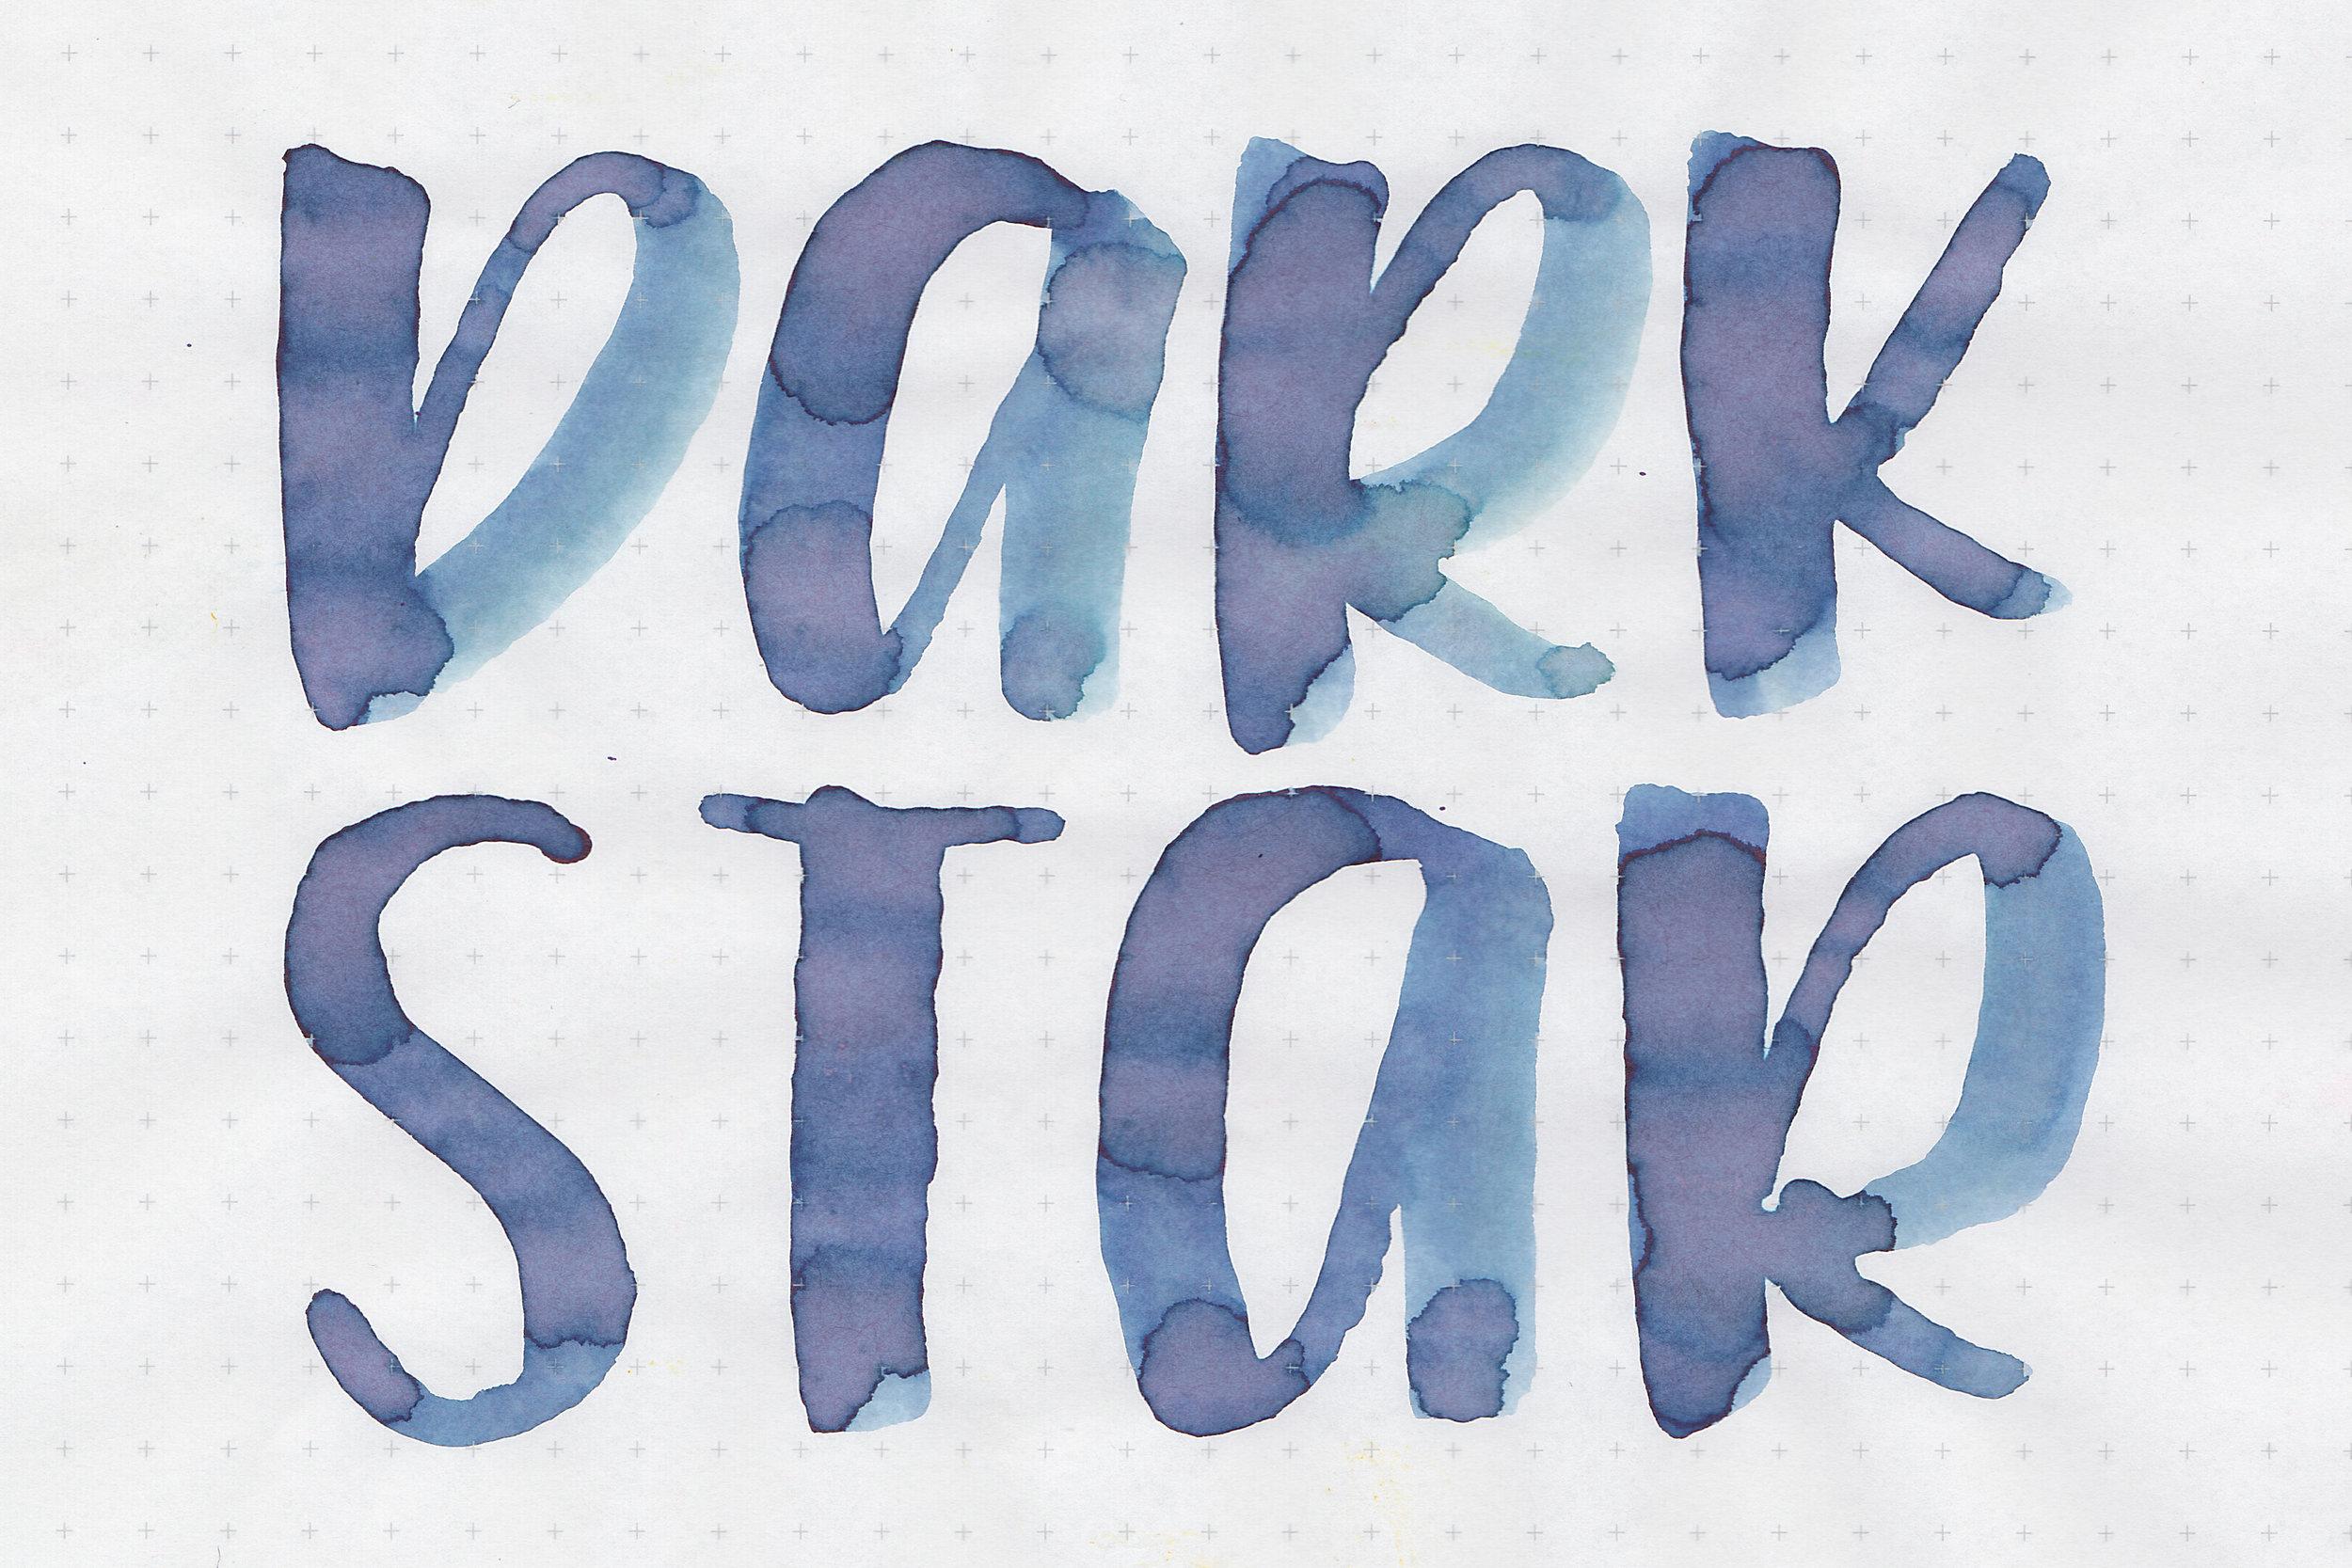 ro-darkstar-blue-7.jpg